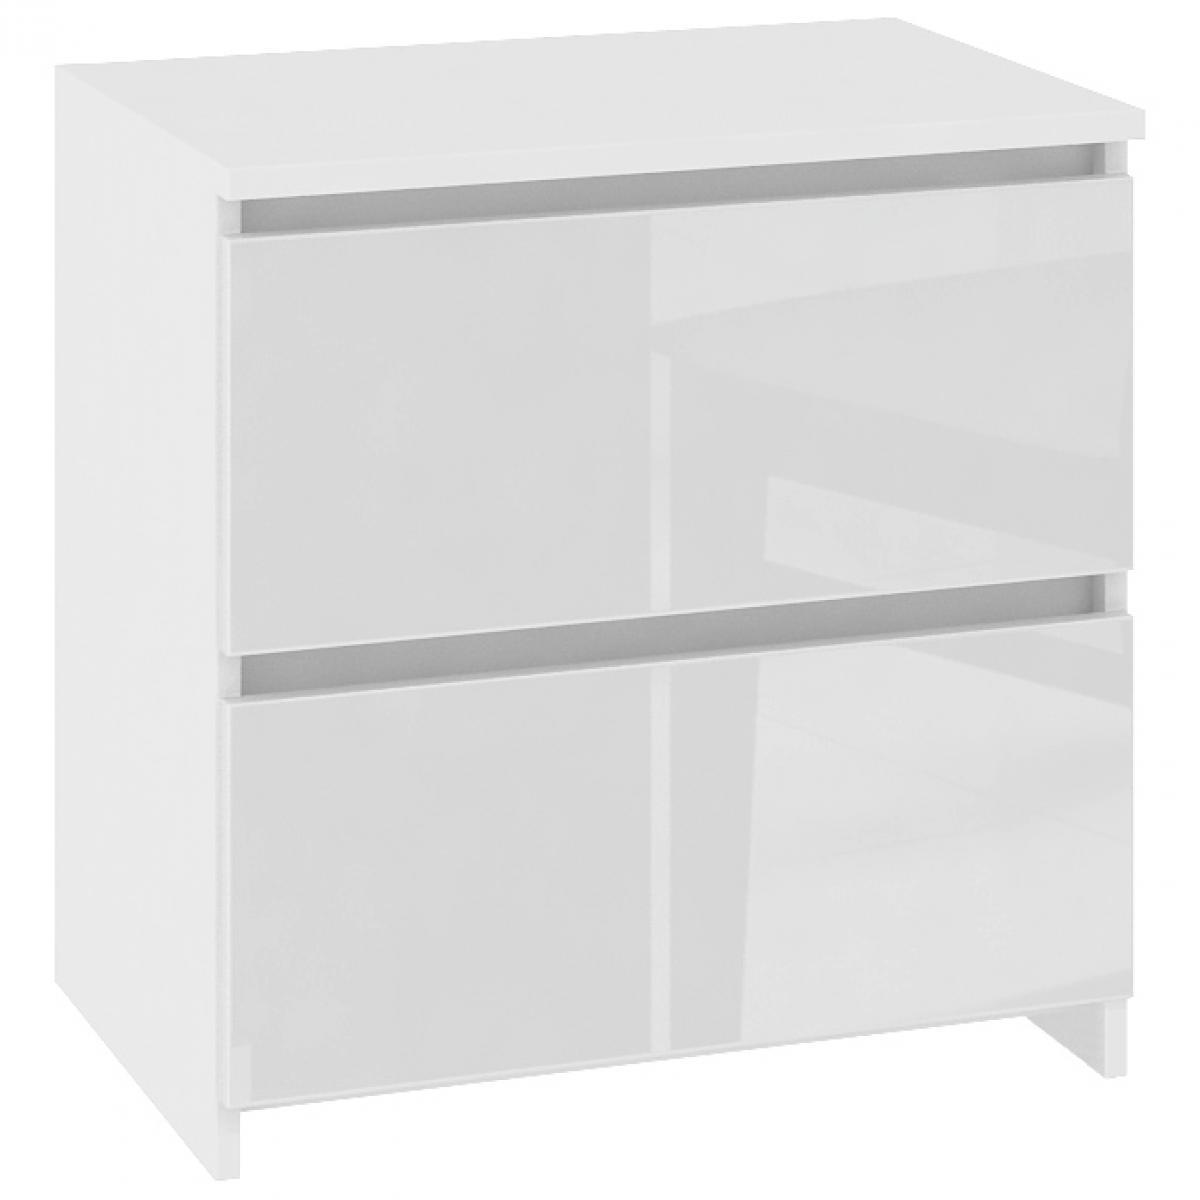 Hucoco SHALA   Table de chevet contemporaine chambre 40x40x35 cm   2 tiroirs larges   Chevet   Design moderne - Blanc Laqué